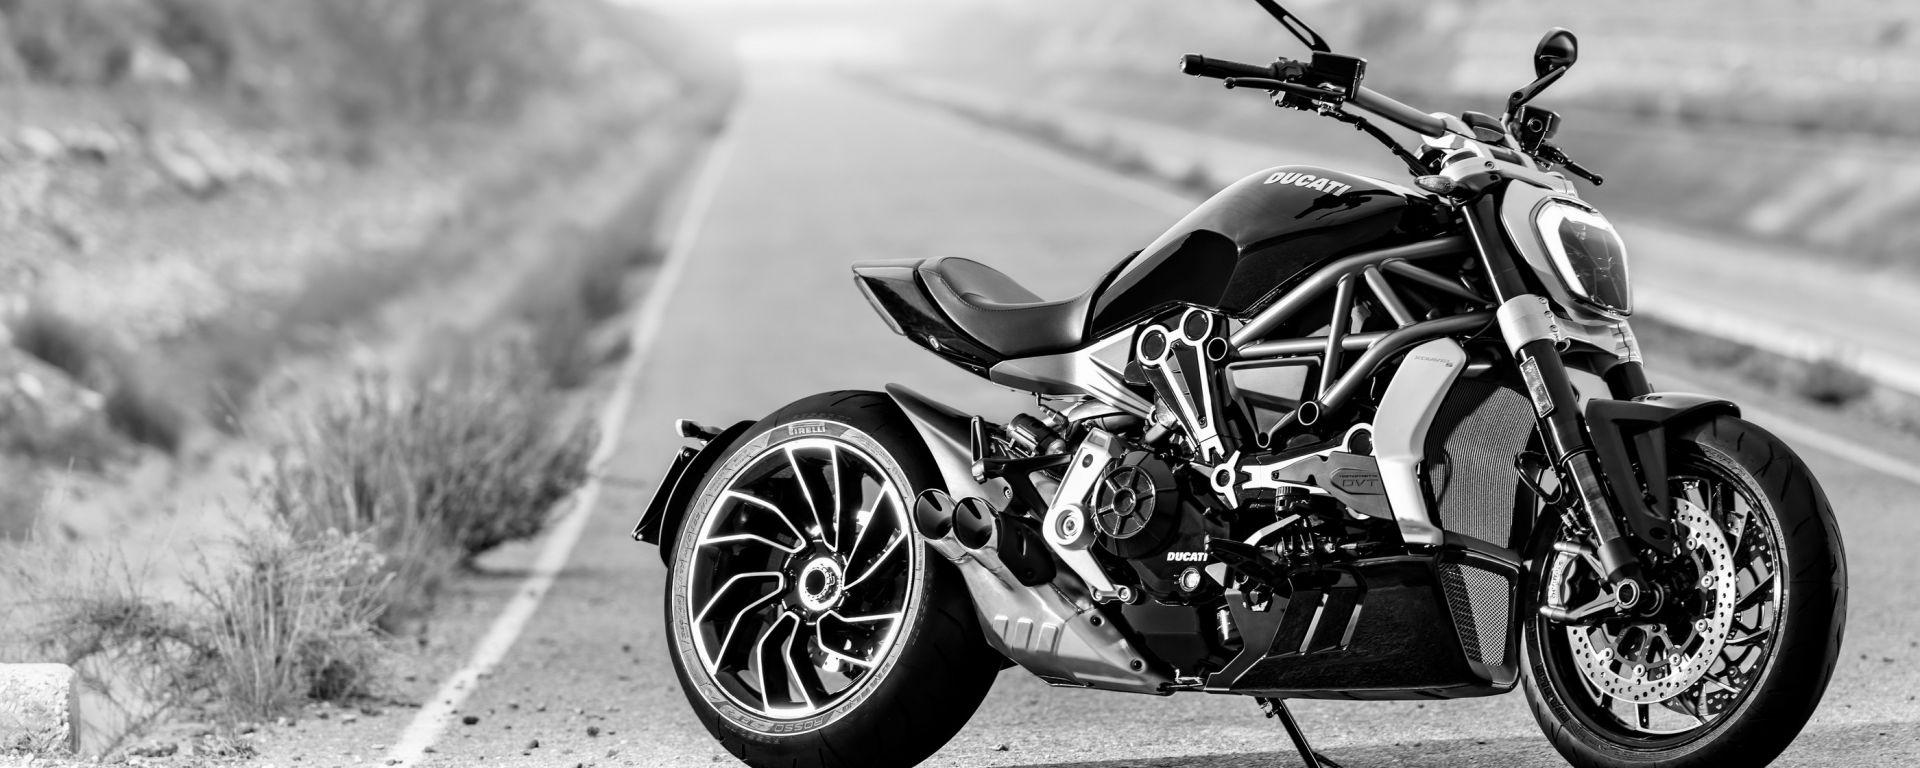 Le tecnologie Bosch a bordo della Ducati XDiavel